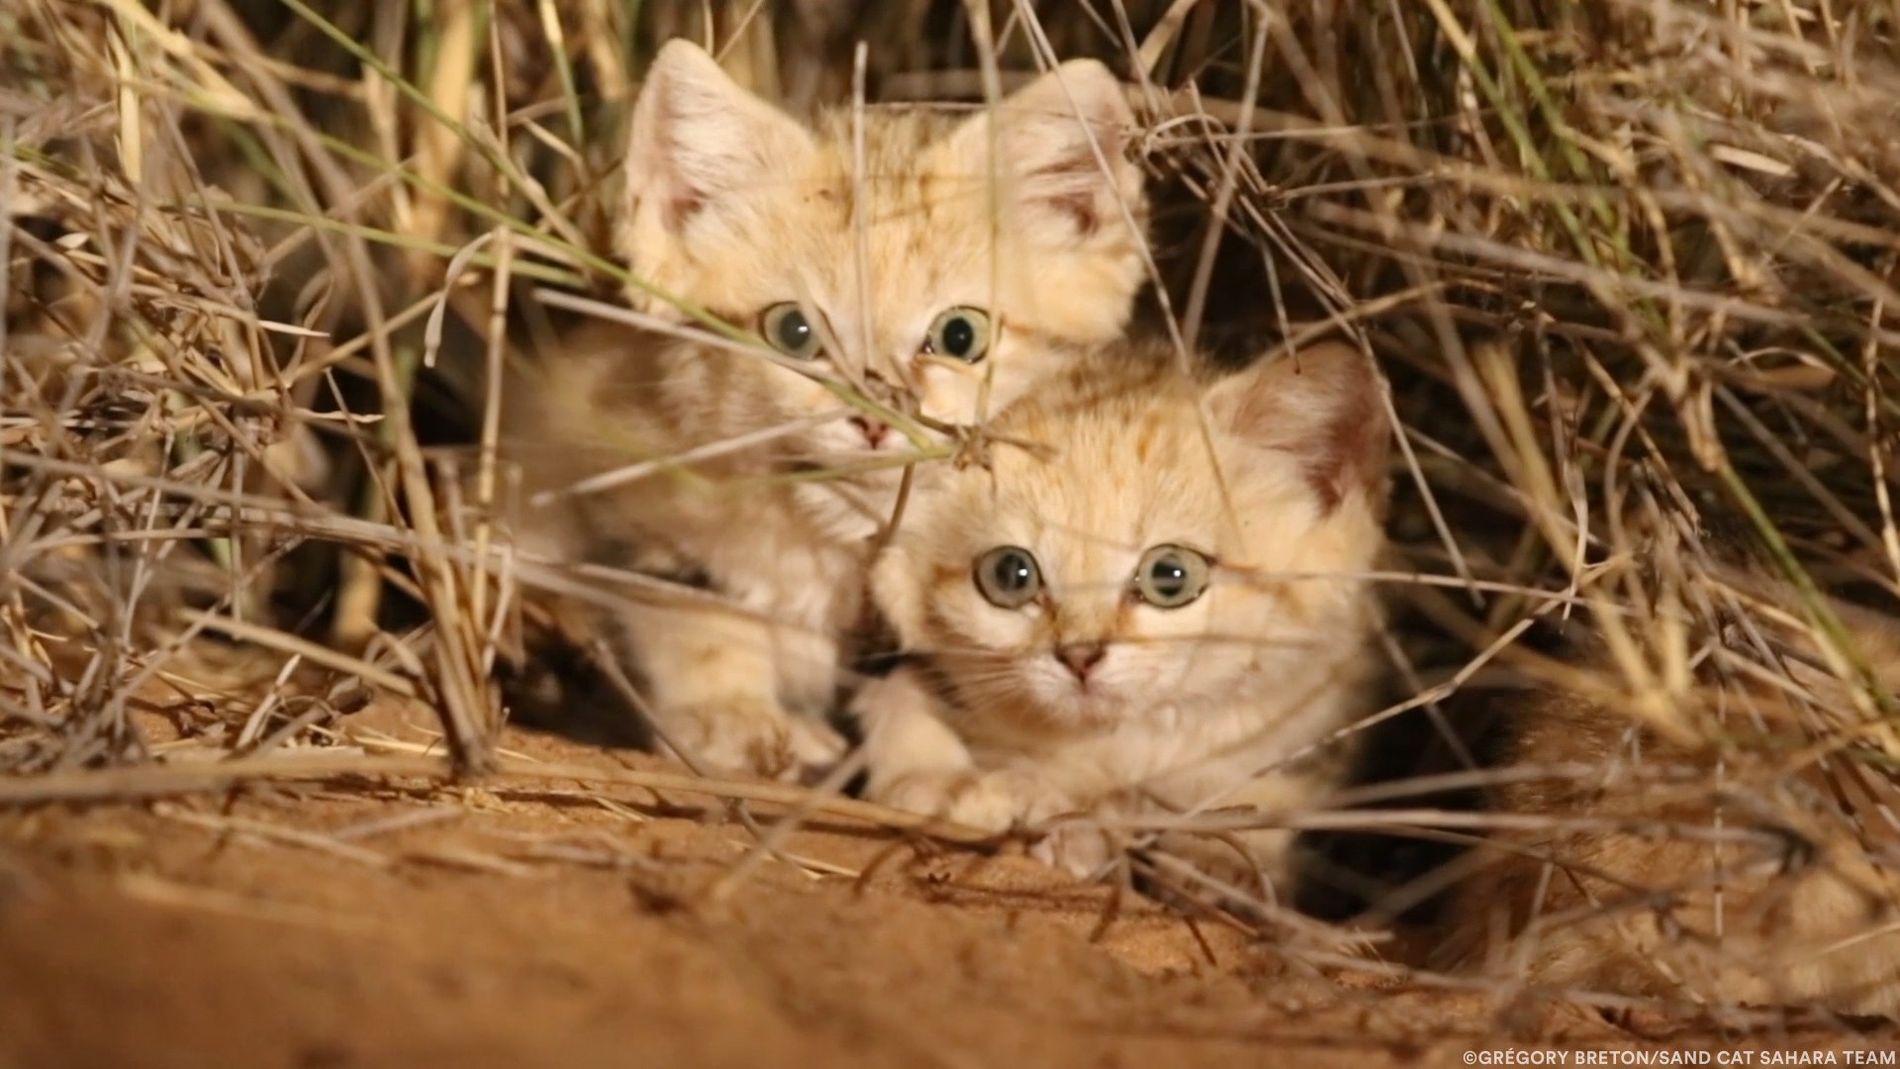 Einmalige Aufnahmen von Sandkatzenwelpen in freier Wildbahn